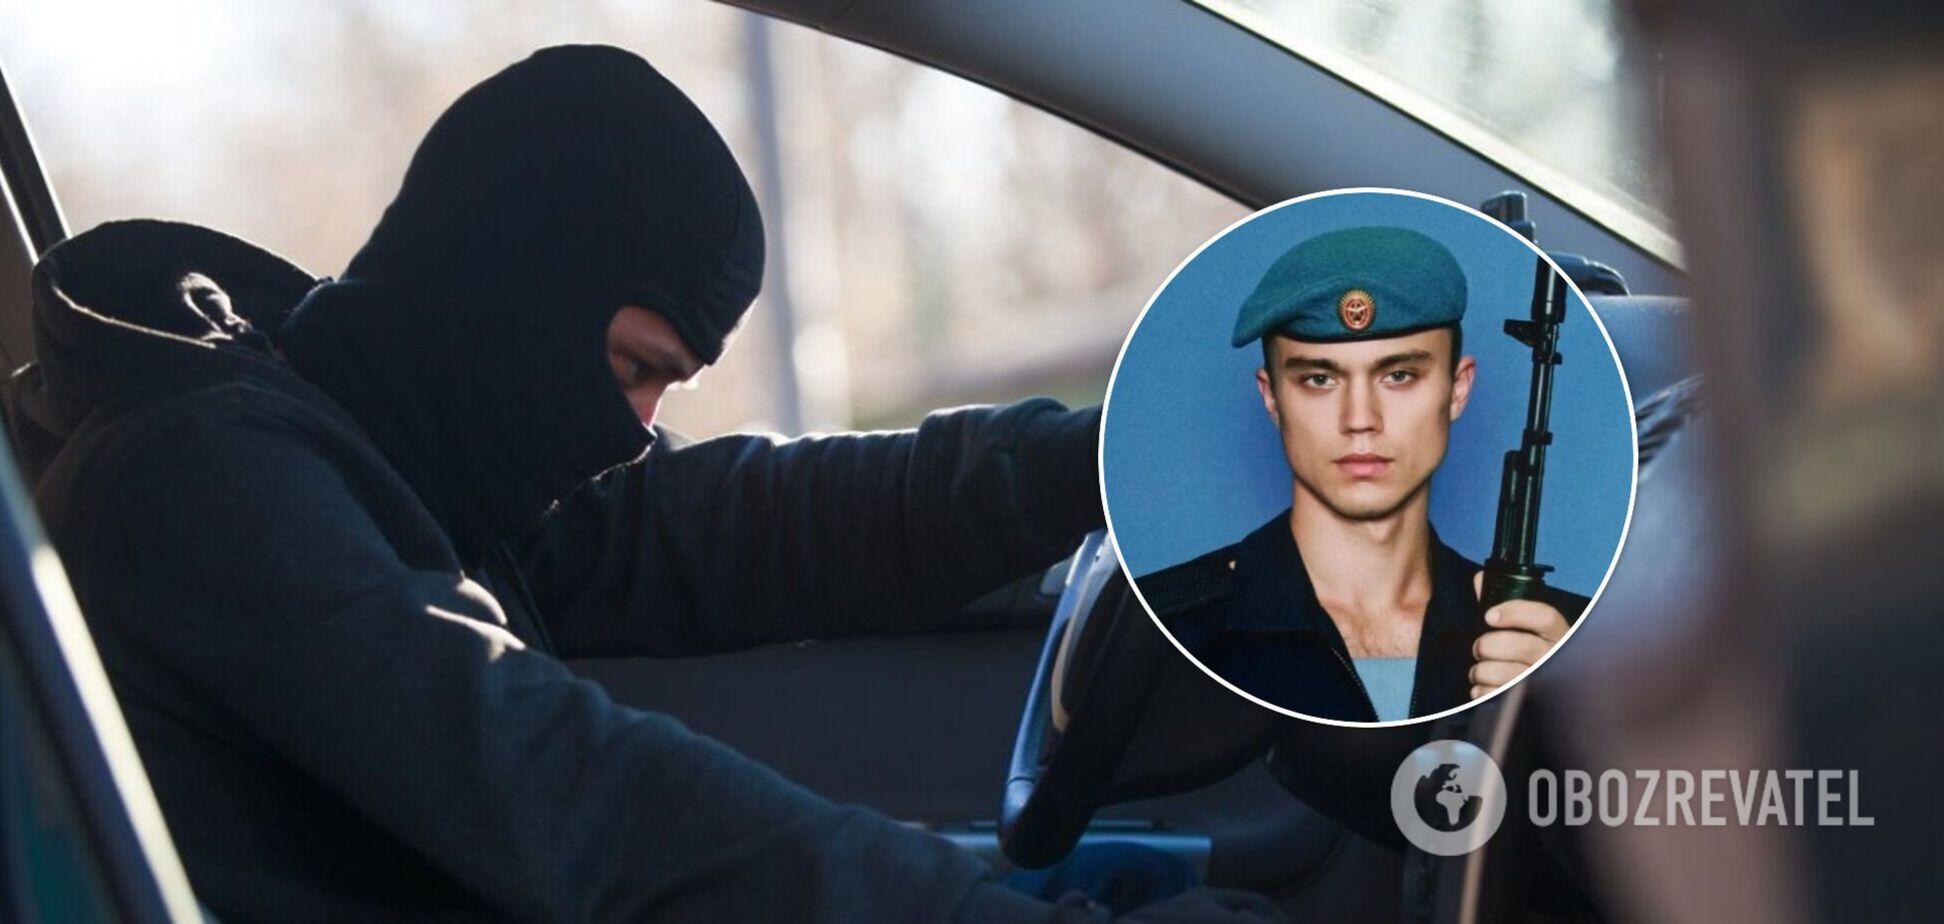 В Крыму задержали военного РФ, угнавшего авто и пытавшегося оторваться от погони. Фото и видео